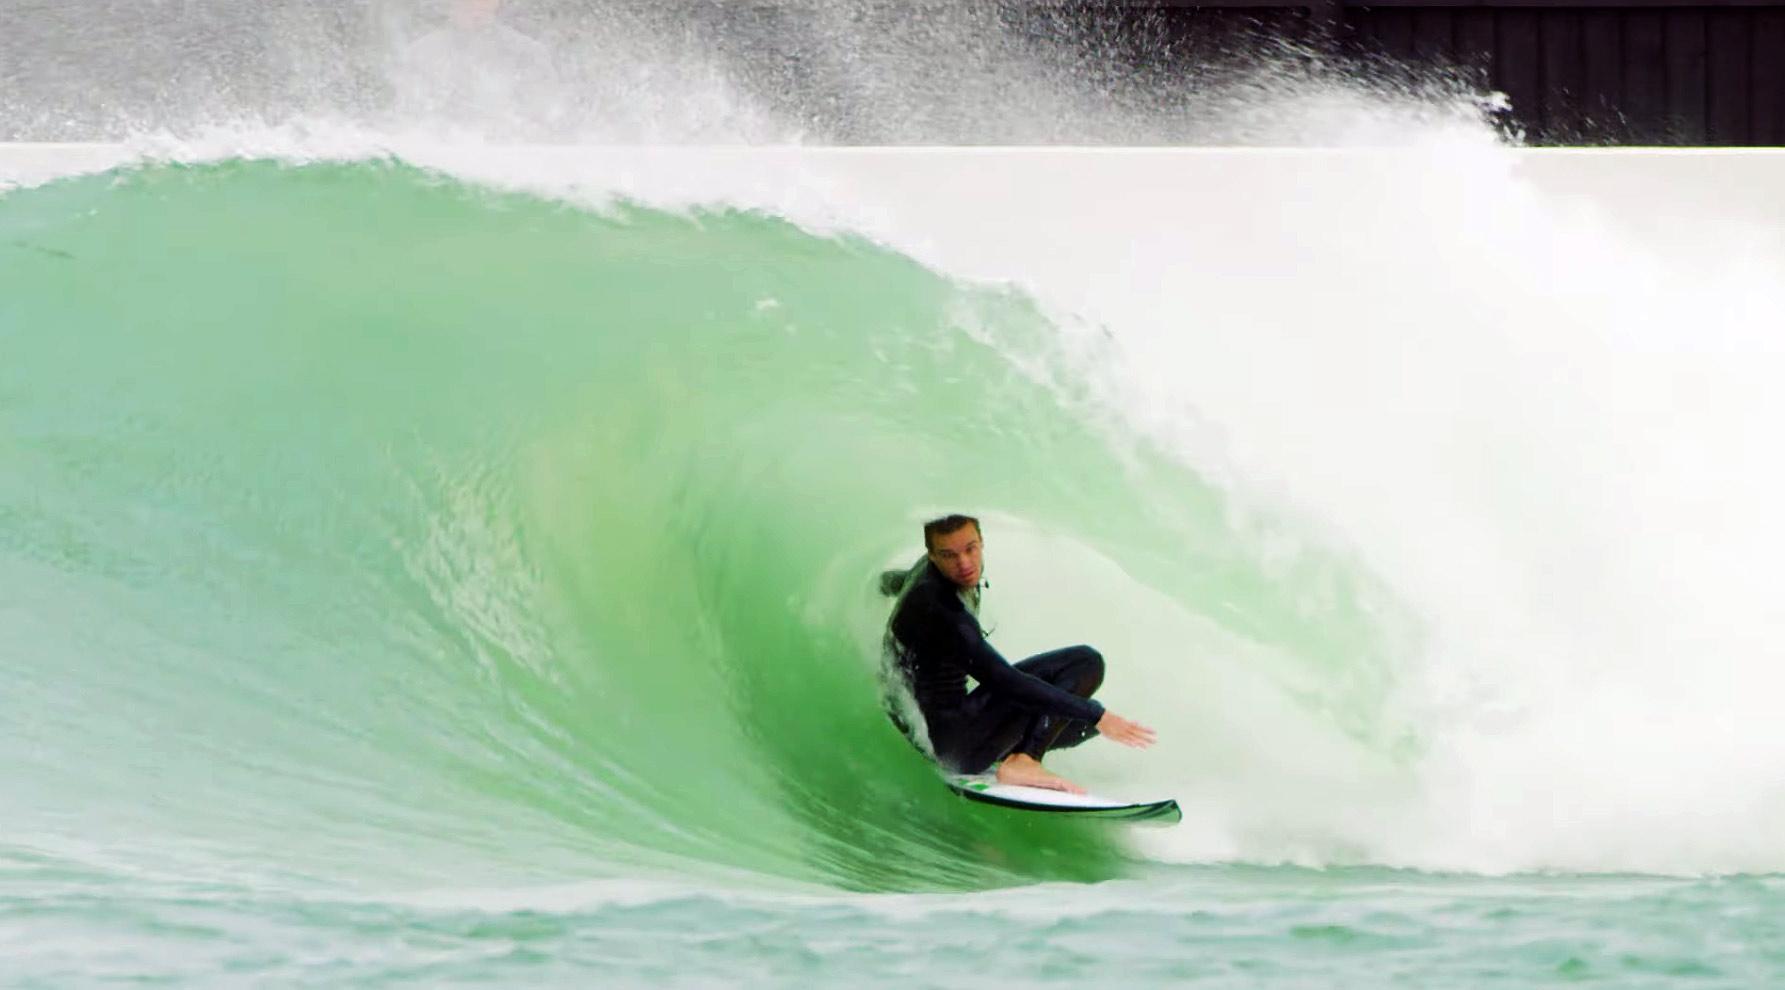 URBN-surf-wave-pool-melbourne